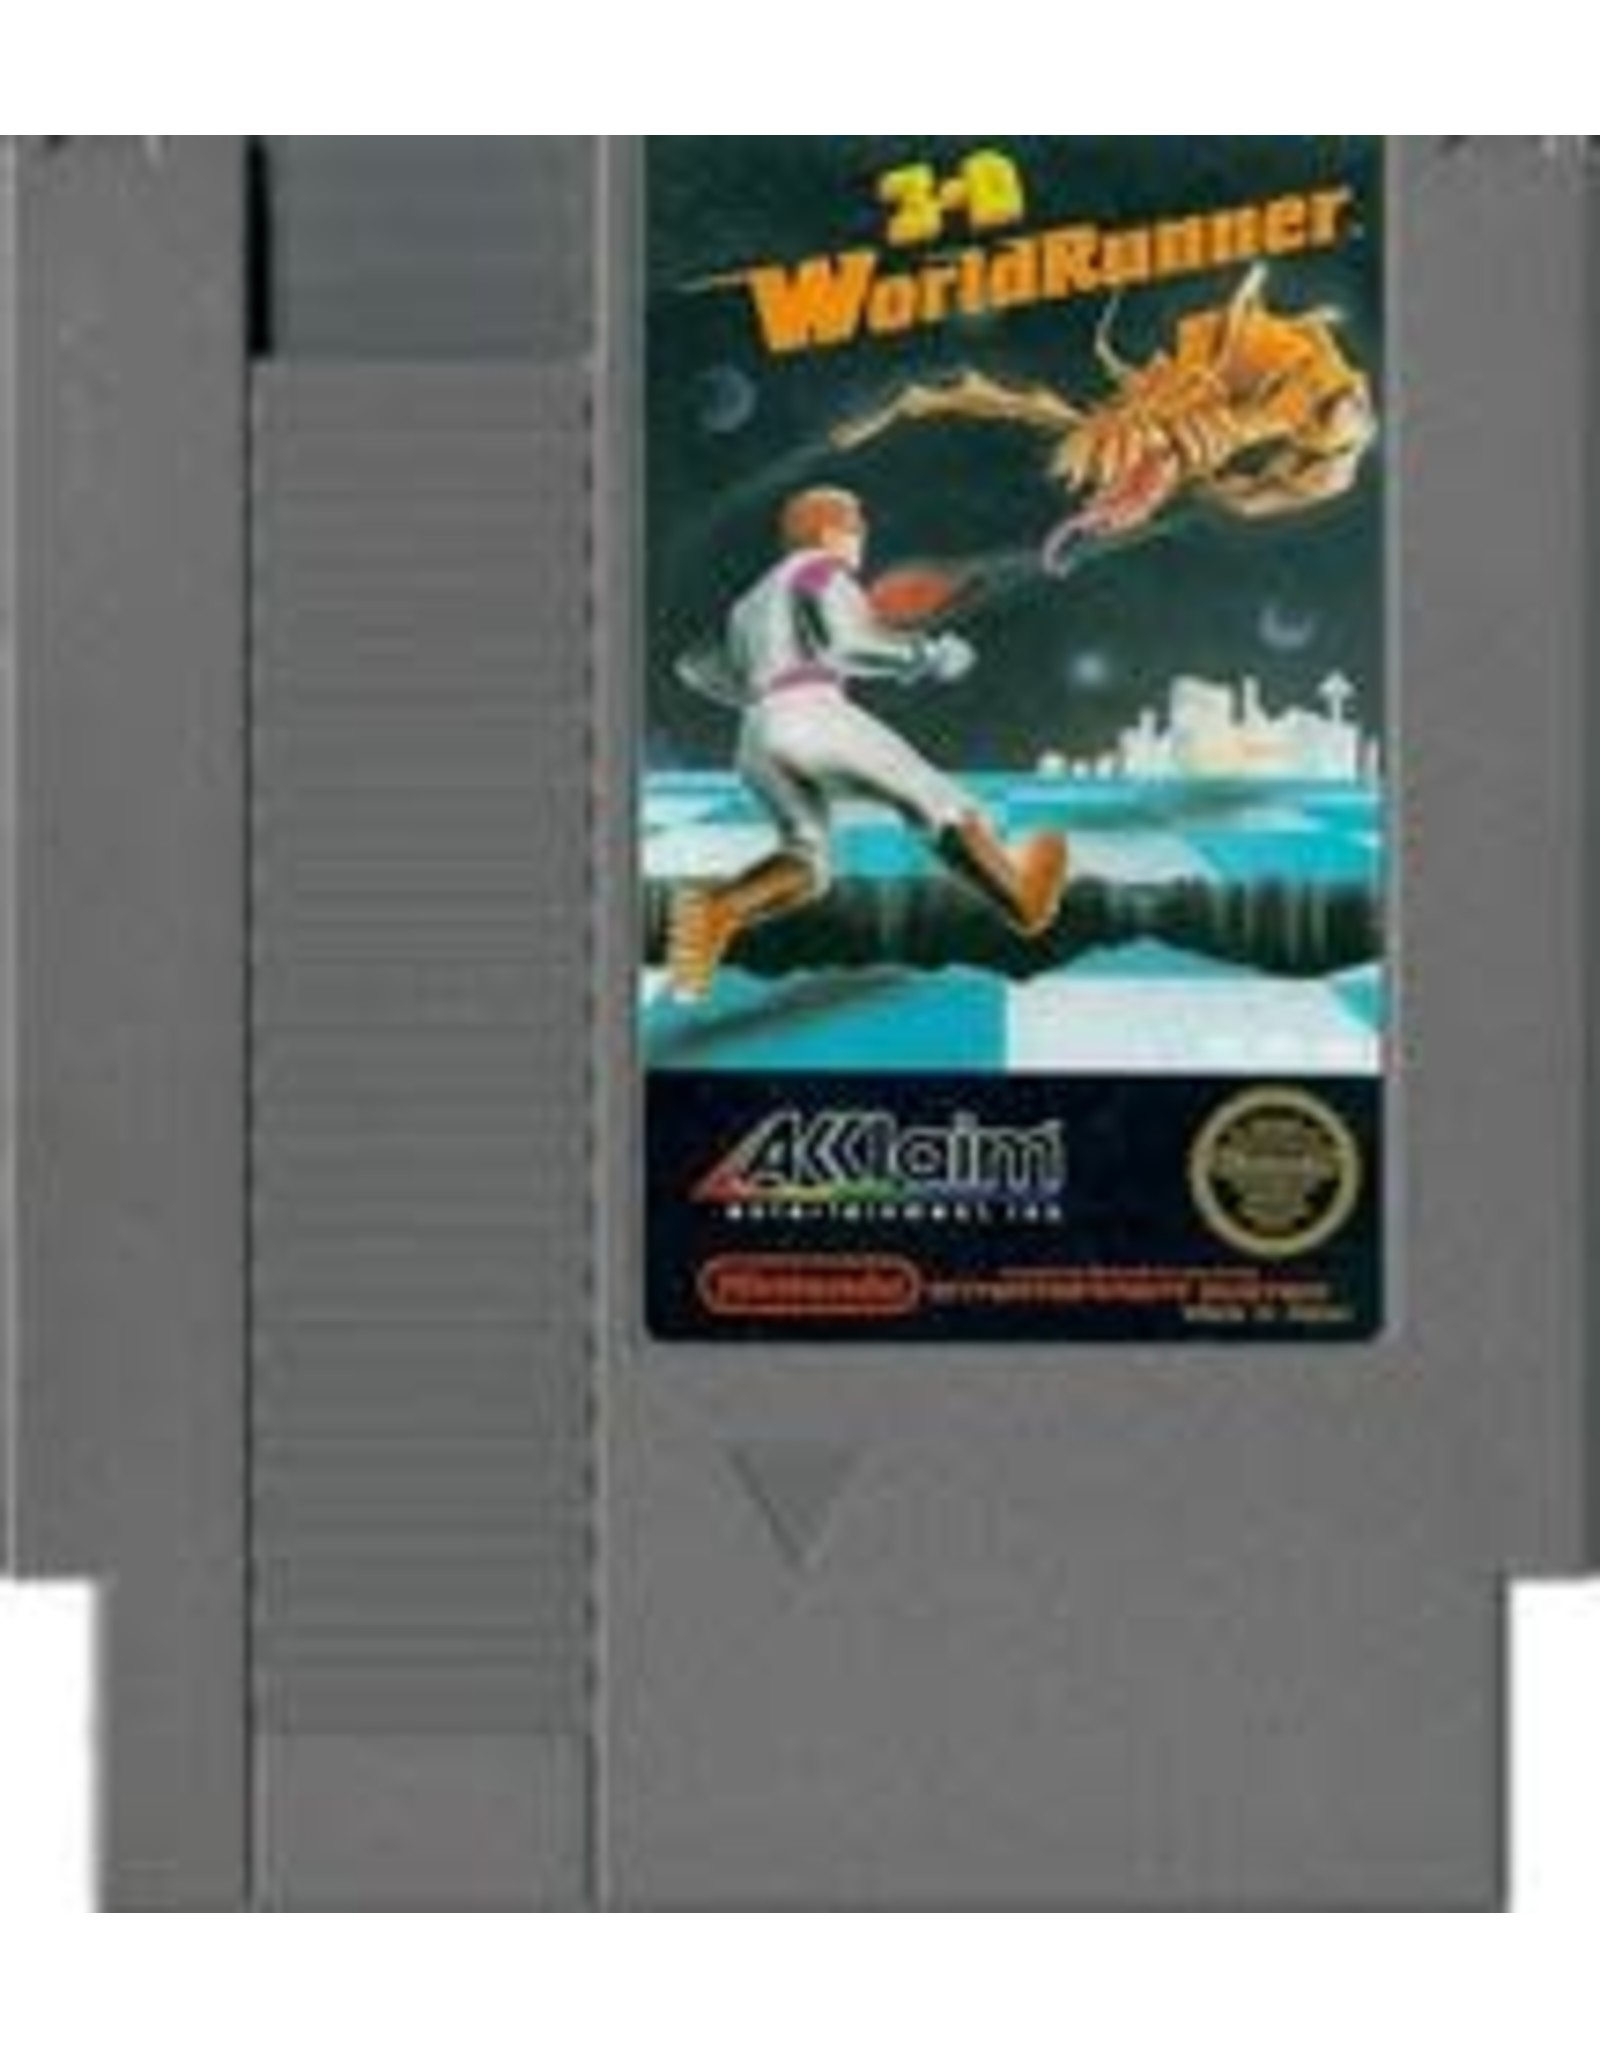 3D WorldRunner (NES)